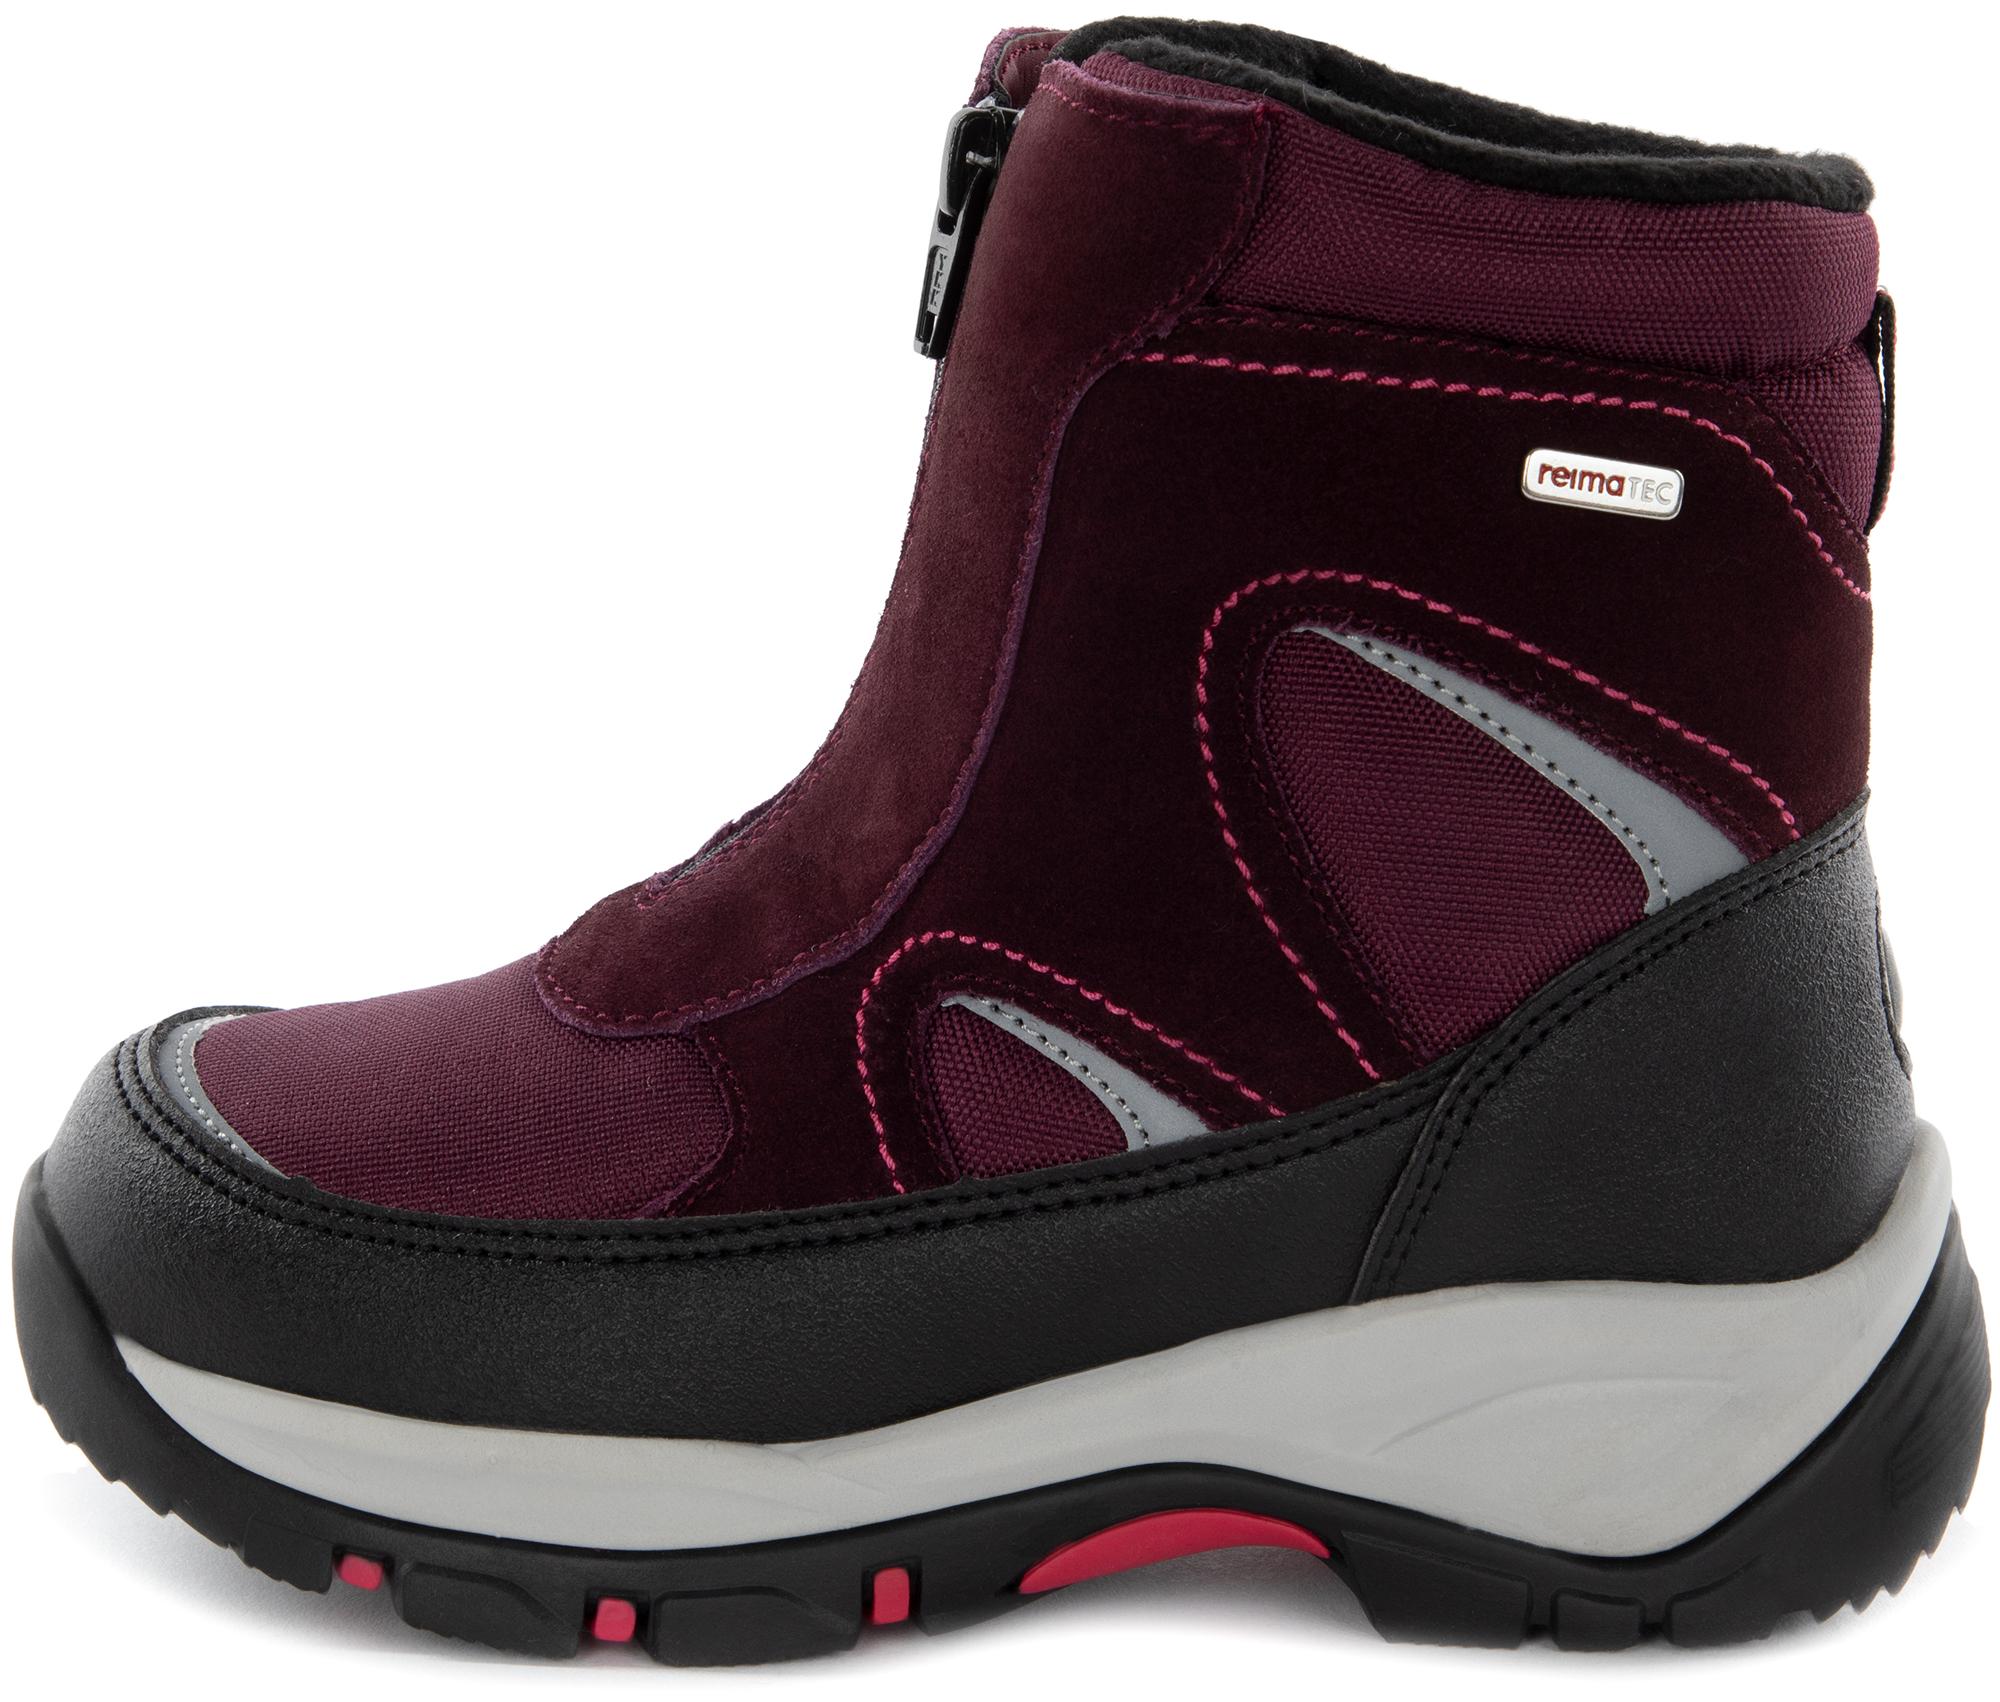 Reima Ботинки утепленные для девочек Vainio, размер 31